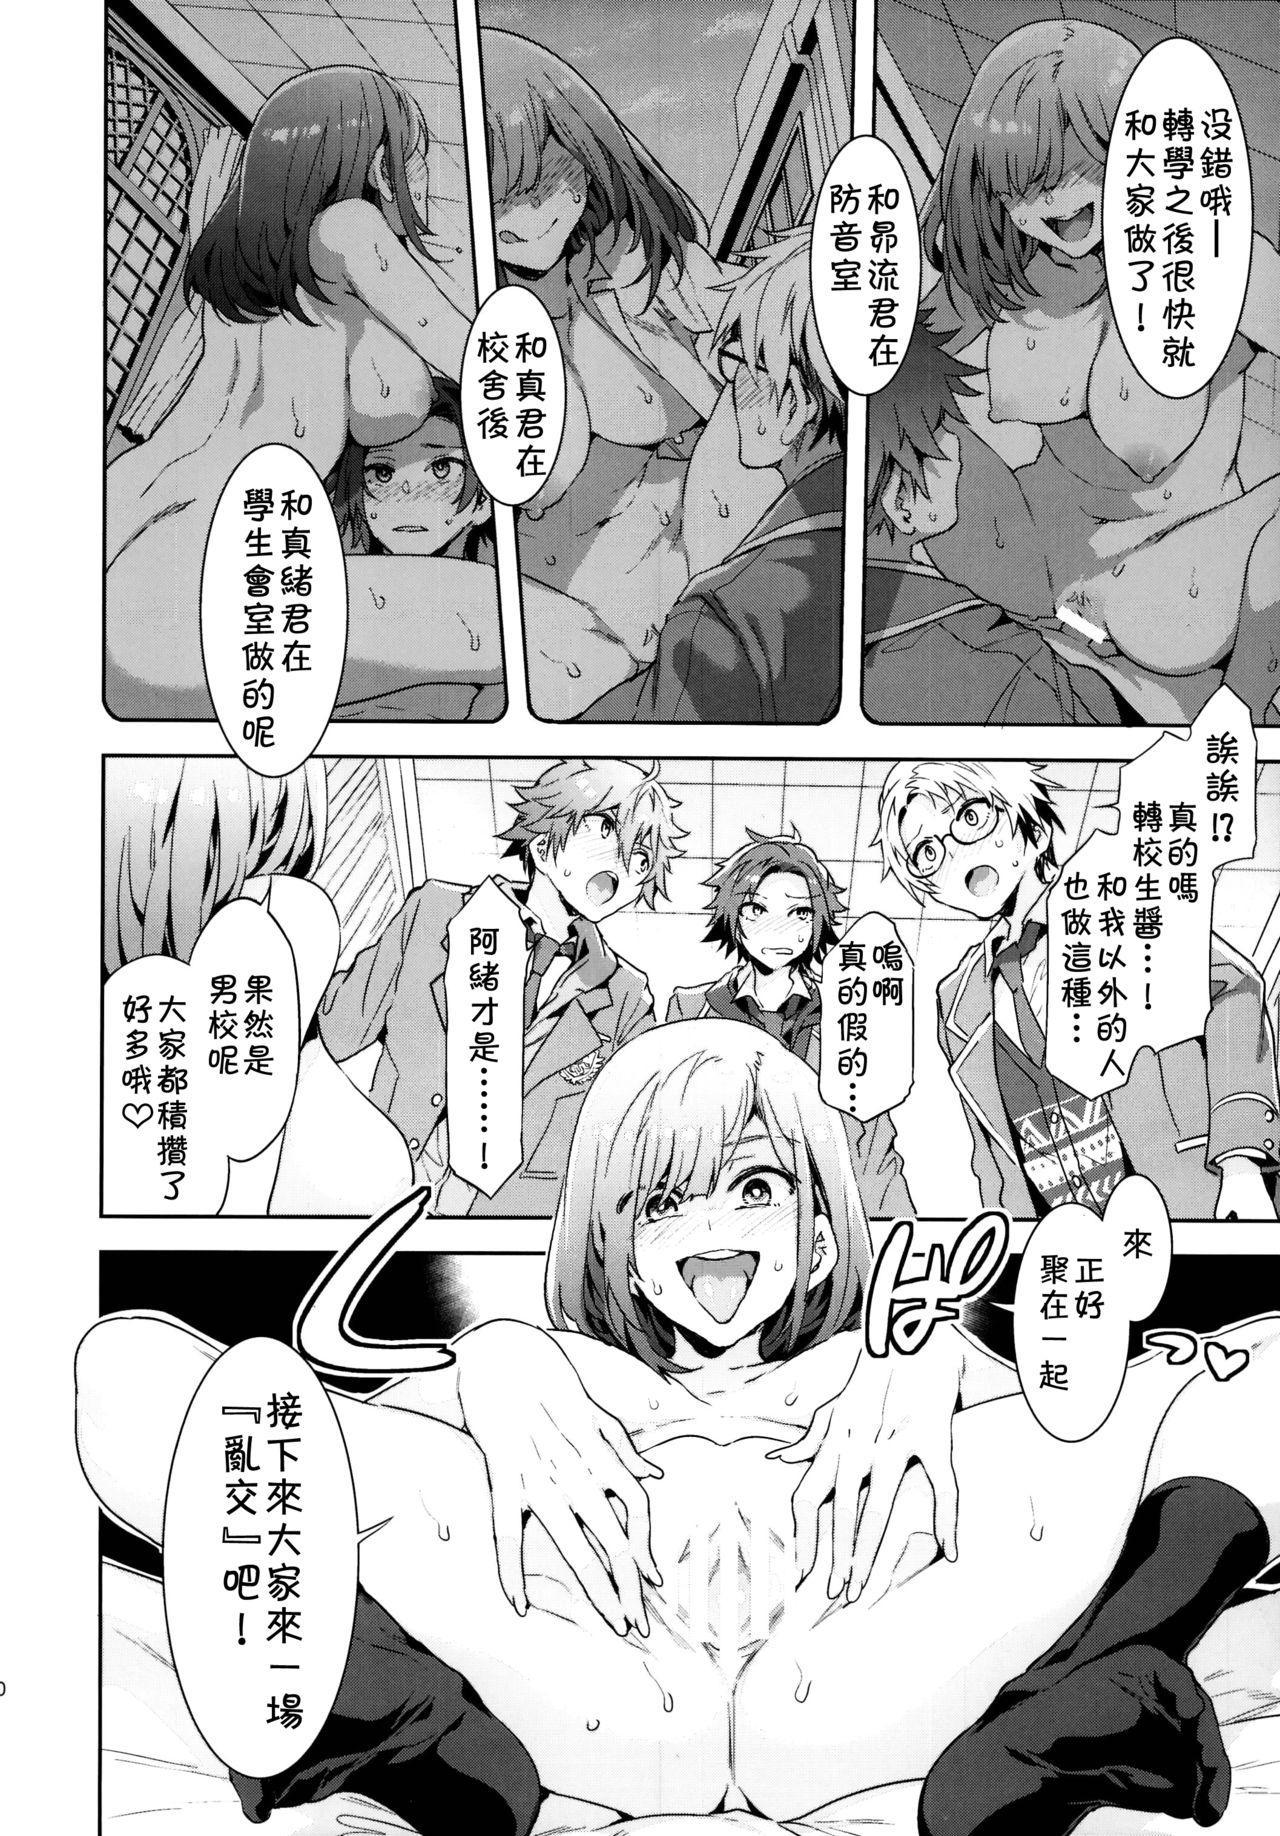 Yumenosaki Gakuin no Tenkousei-chan ga Idol no Tamago o Kuiarashiteru tte Hontou desu ka!? 9